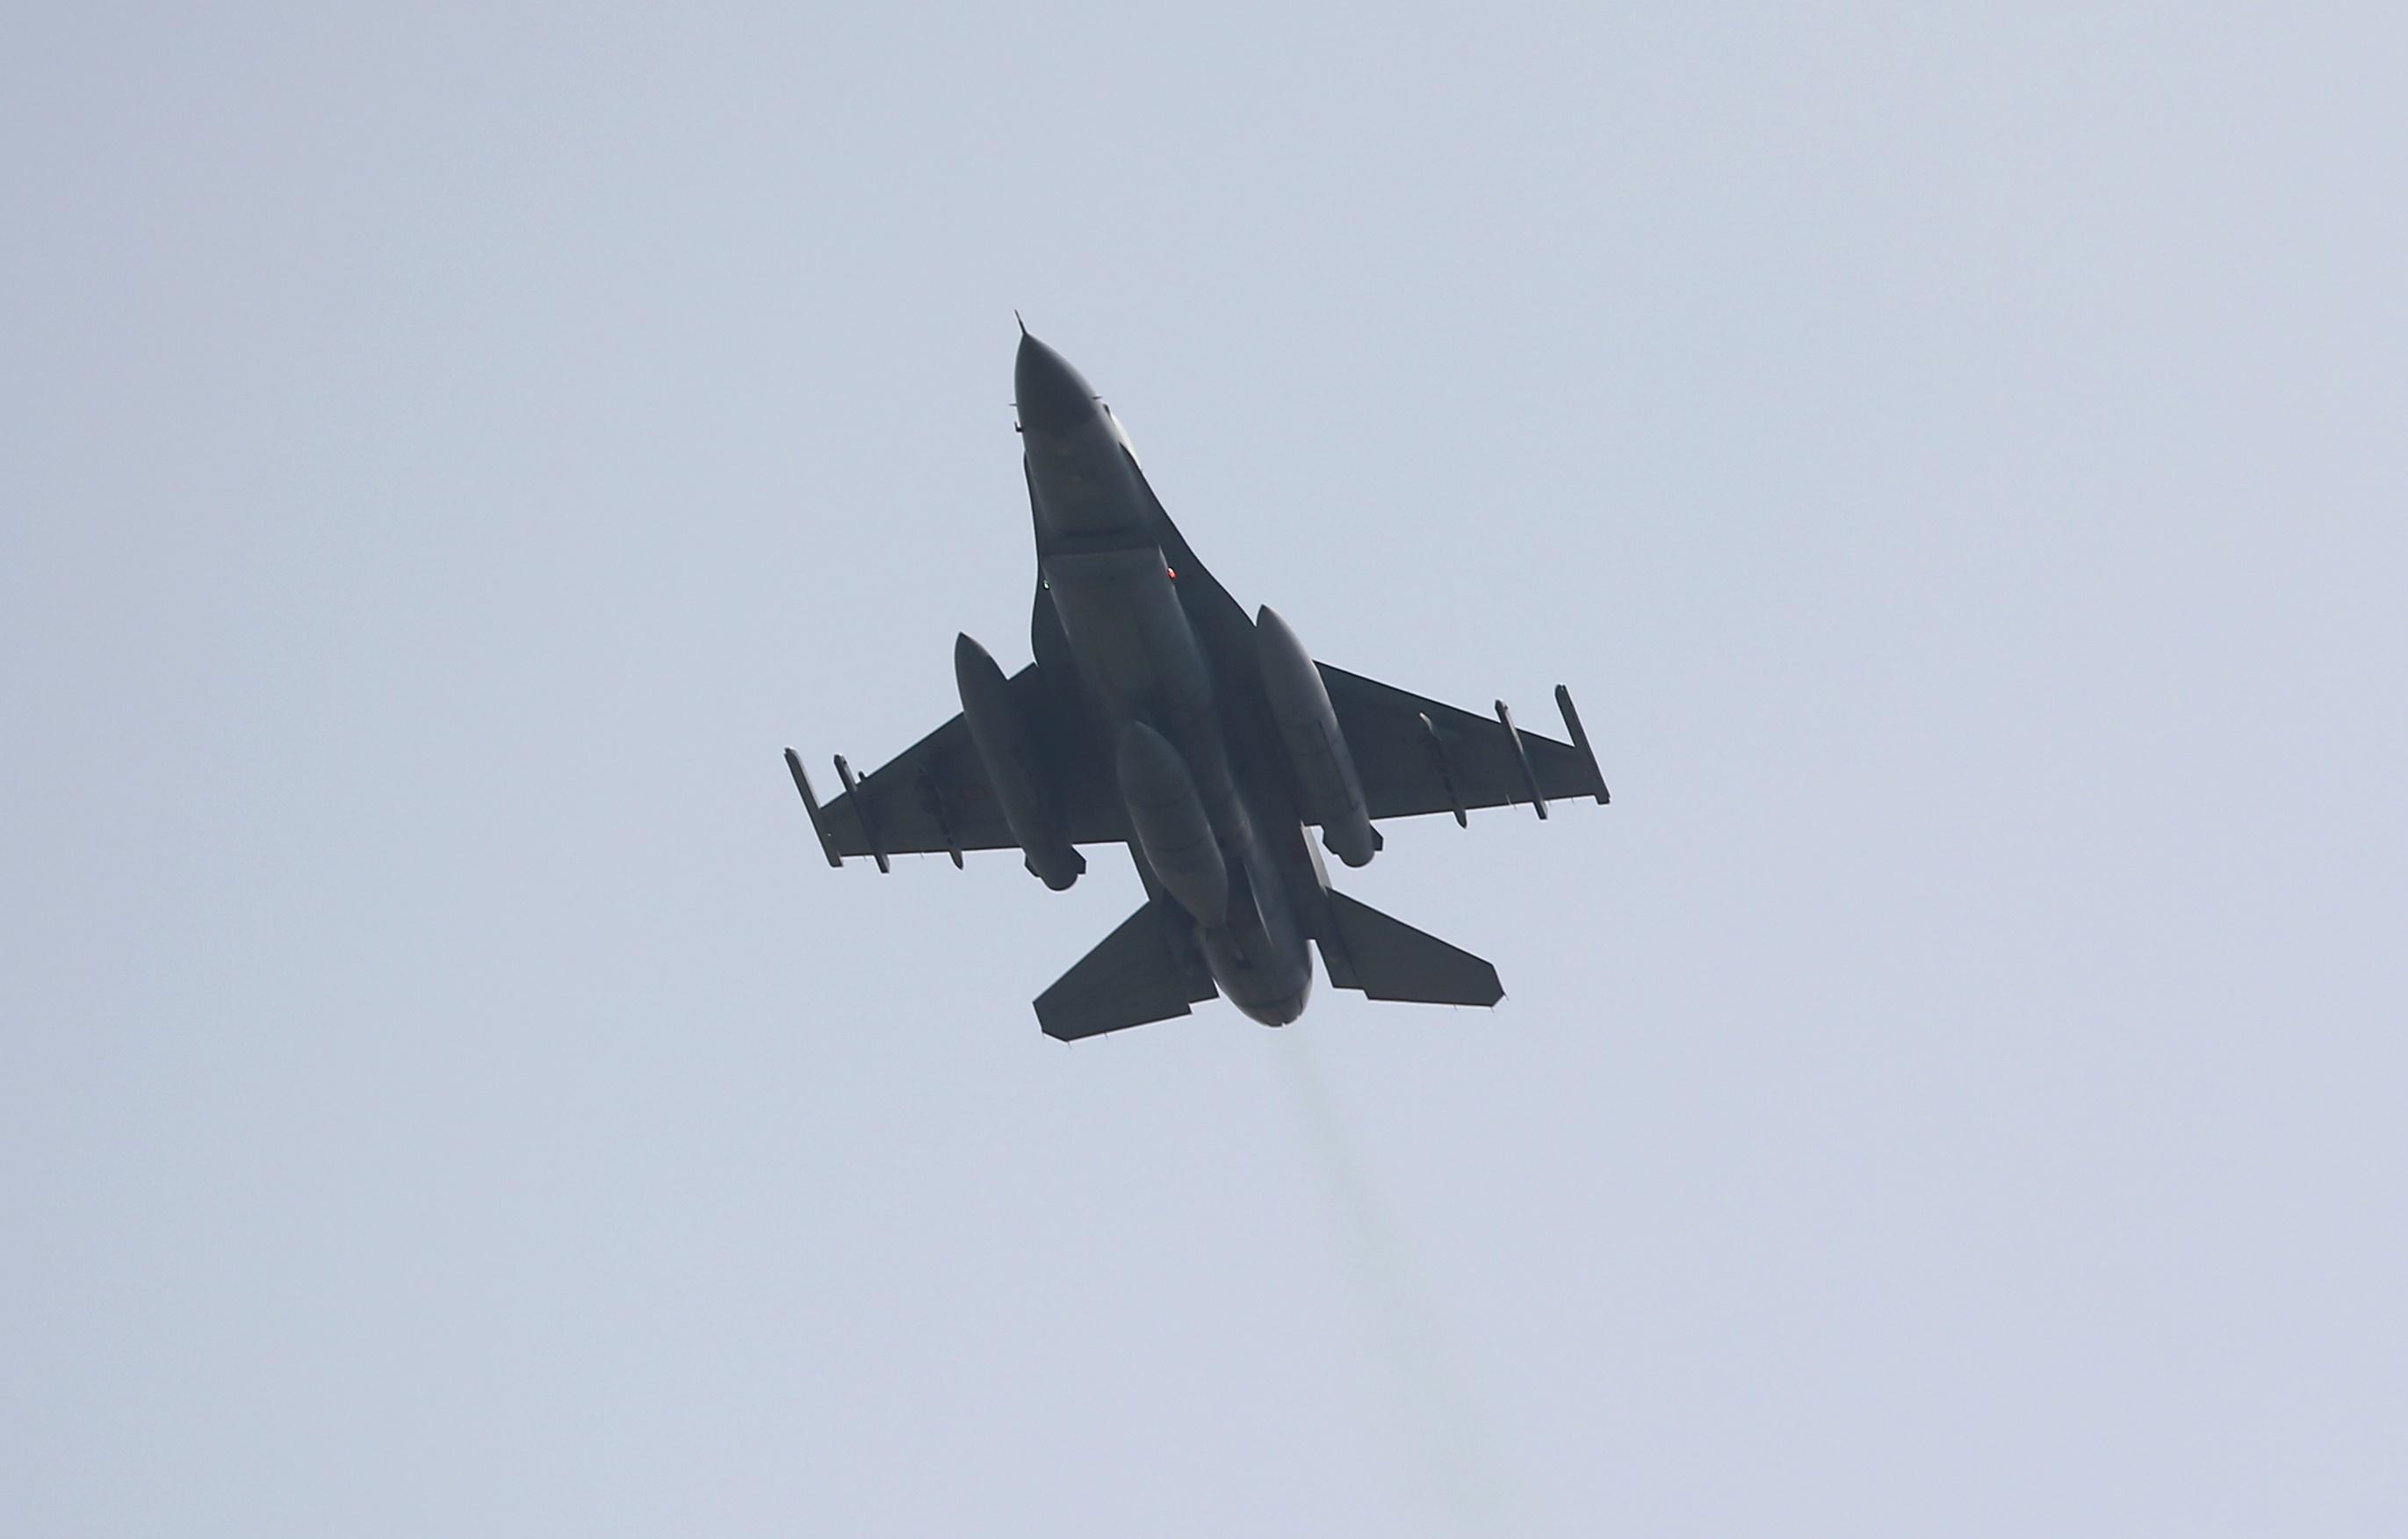 Les Etats-Unis prêts à vendre 66 F-16 à Taïwan pour 8 milliards de dollars